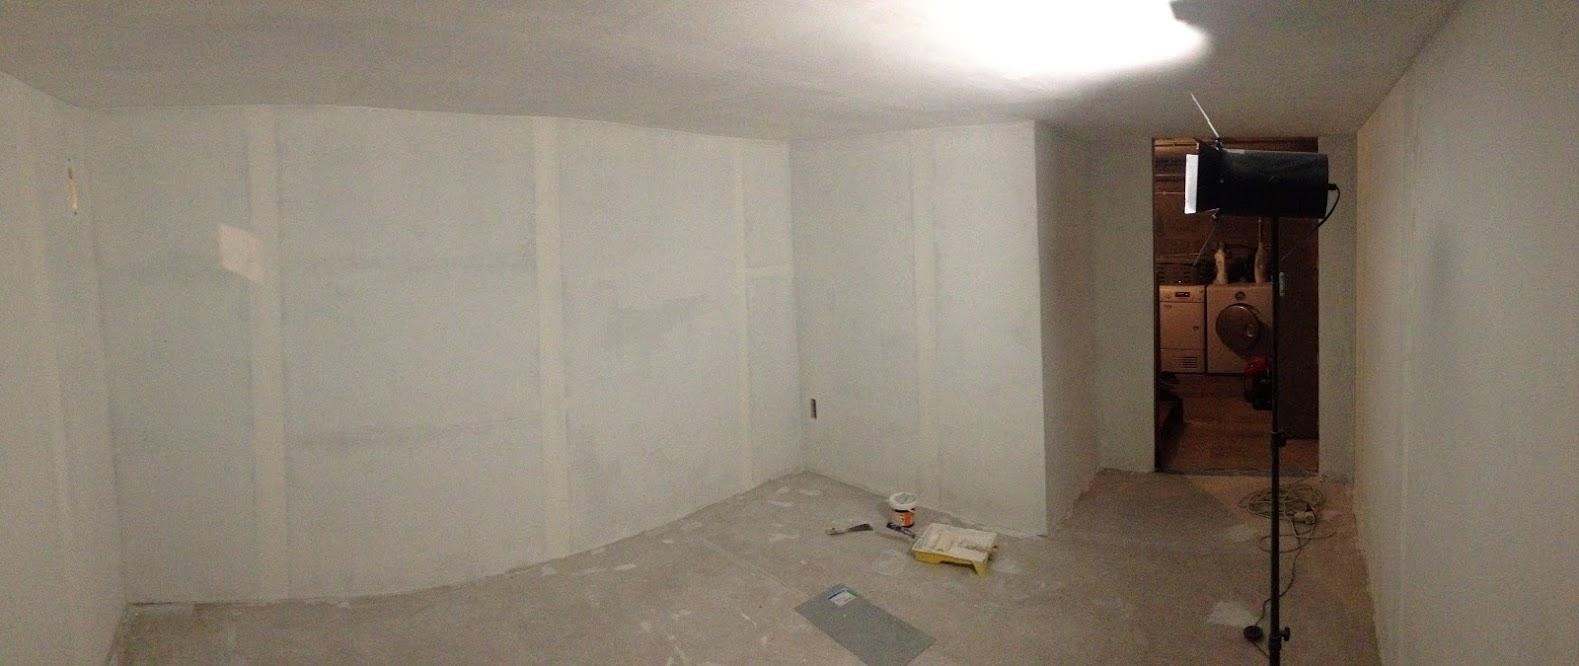 Hauteur Sous Plafond 2M40 conseil pour création studio dans sous sol - forum mobilier